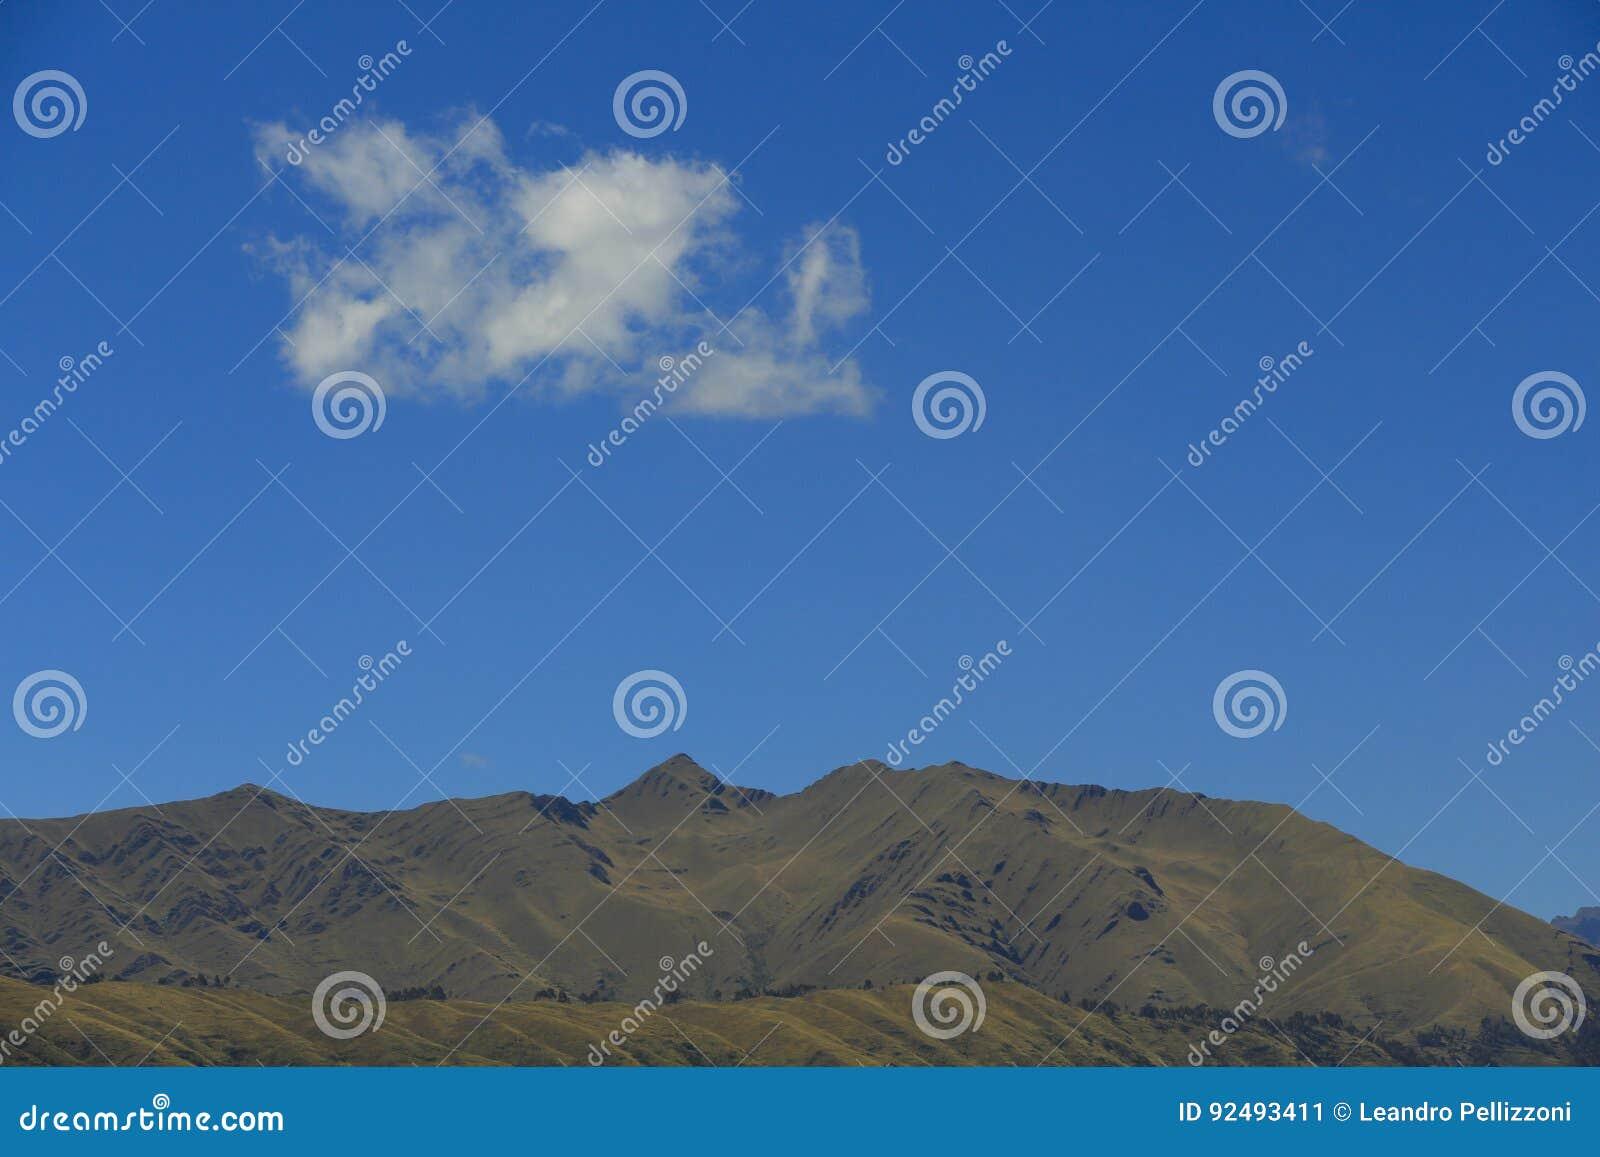 Der Berg, der Himmel und die Wolke